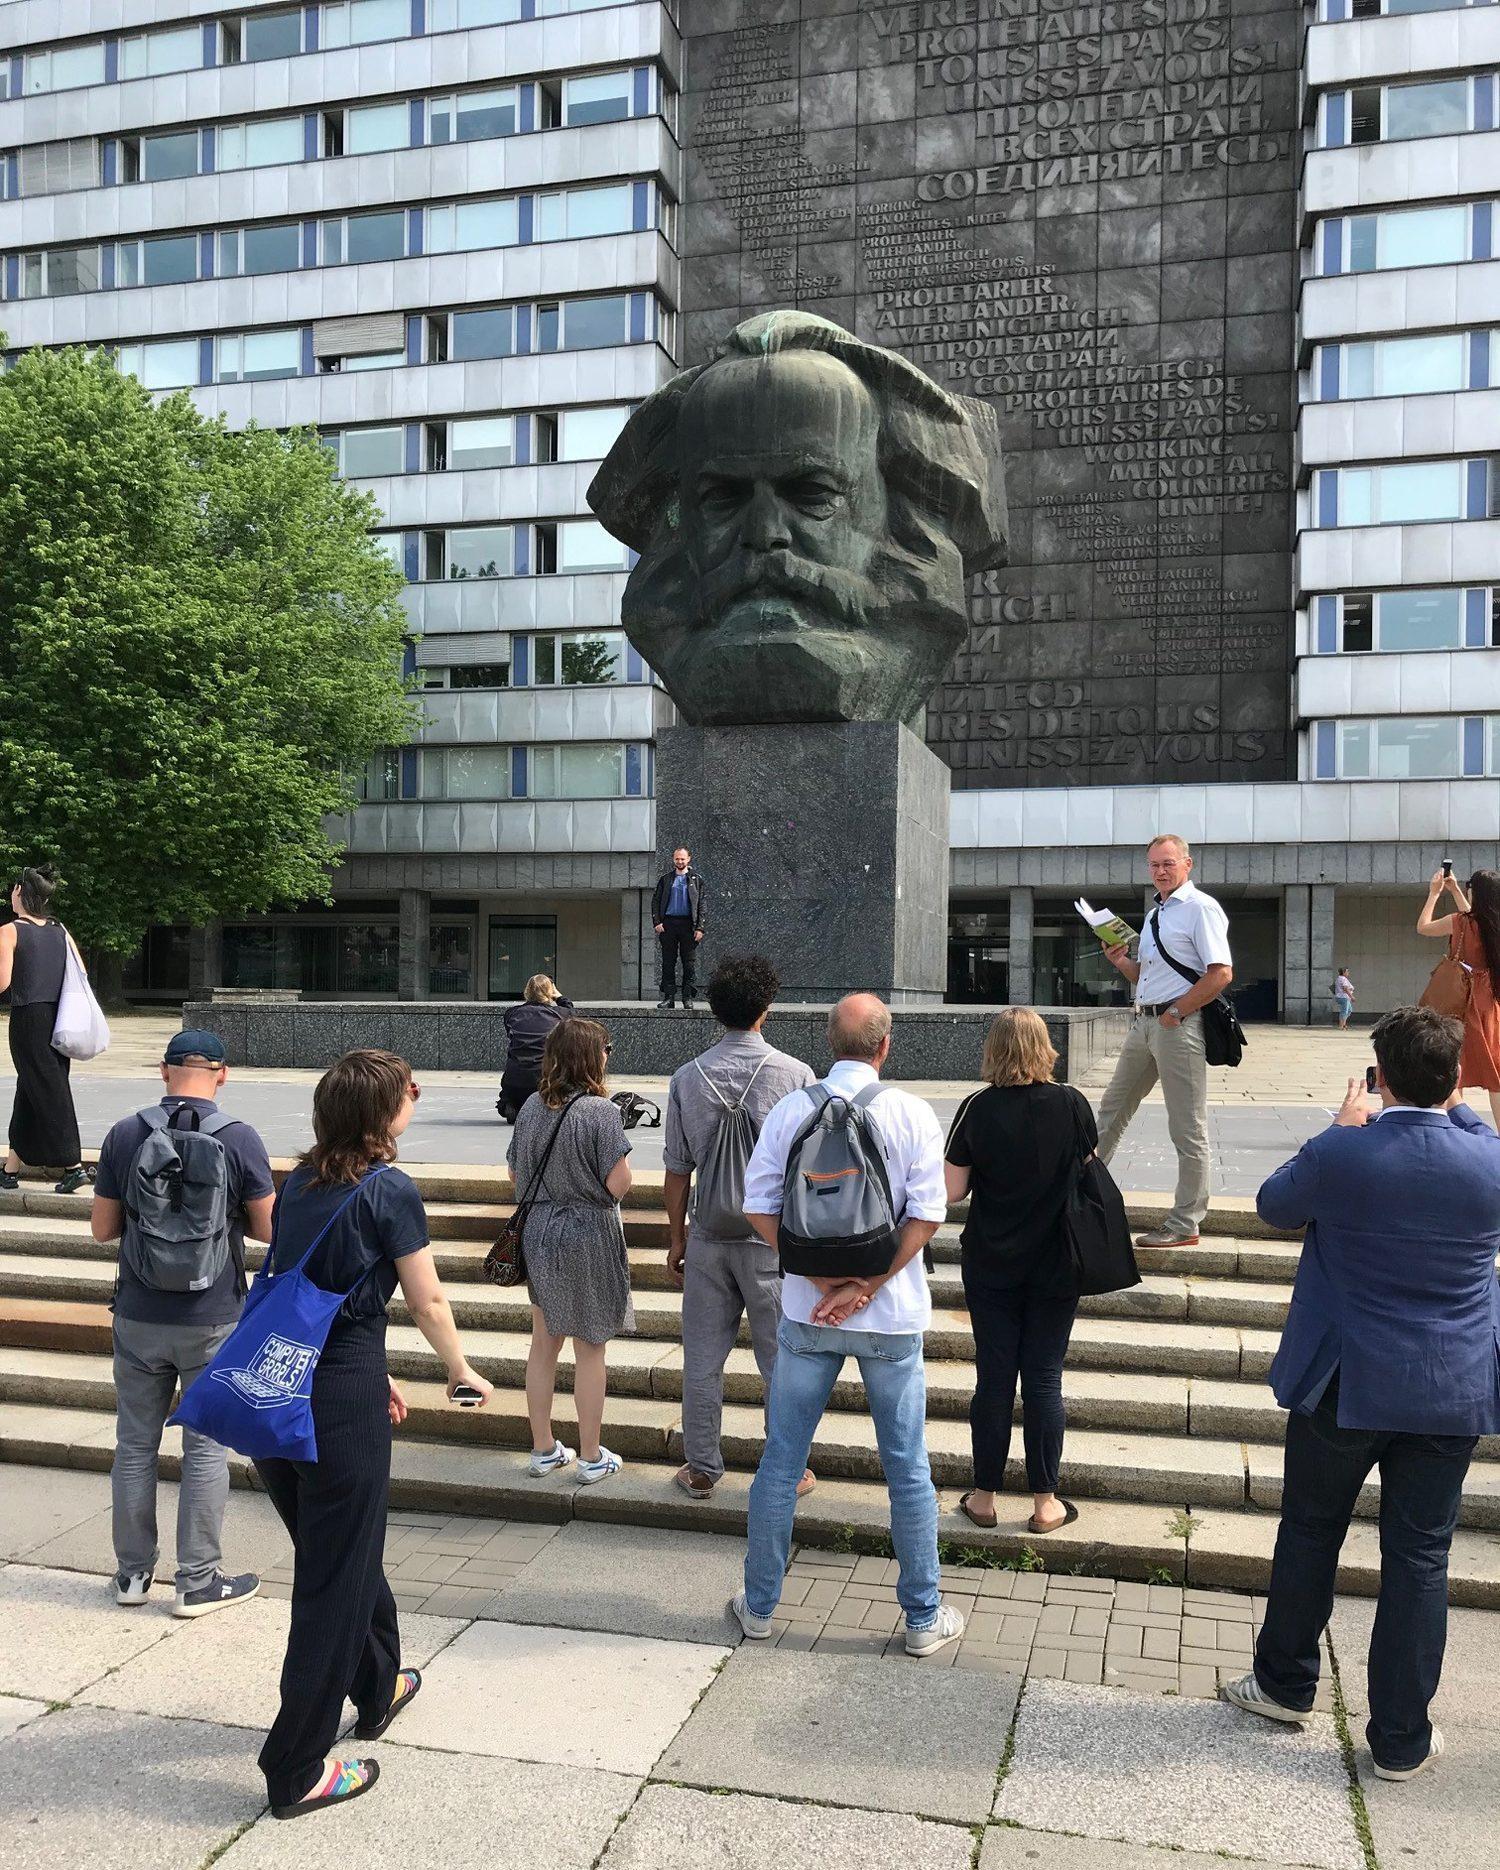 Gegenwarten | Presences @ KUNSTSAMMLUNGEN CHEMNITZ | Chemnitz | Sachsen | Deutschland